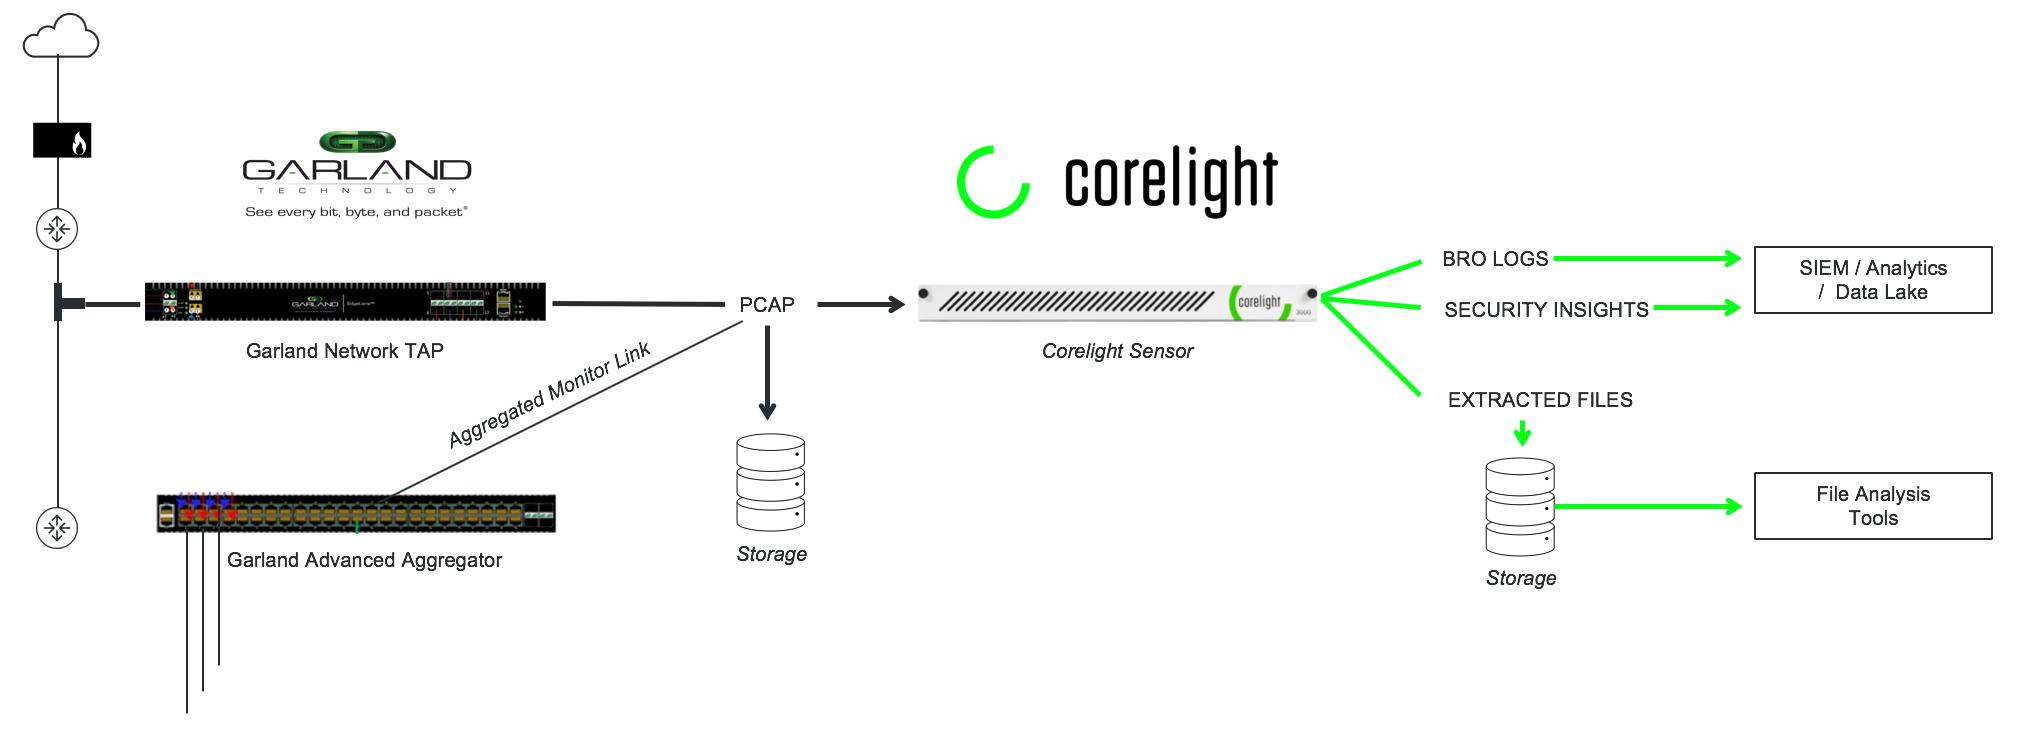 Corelight_Garland_Diagram